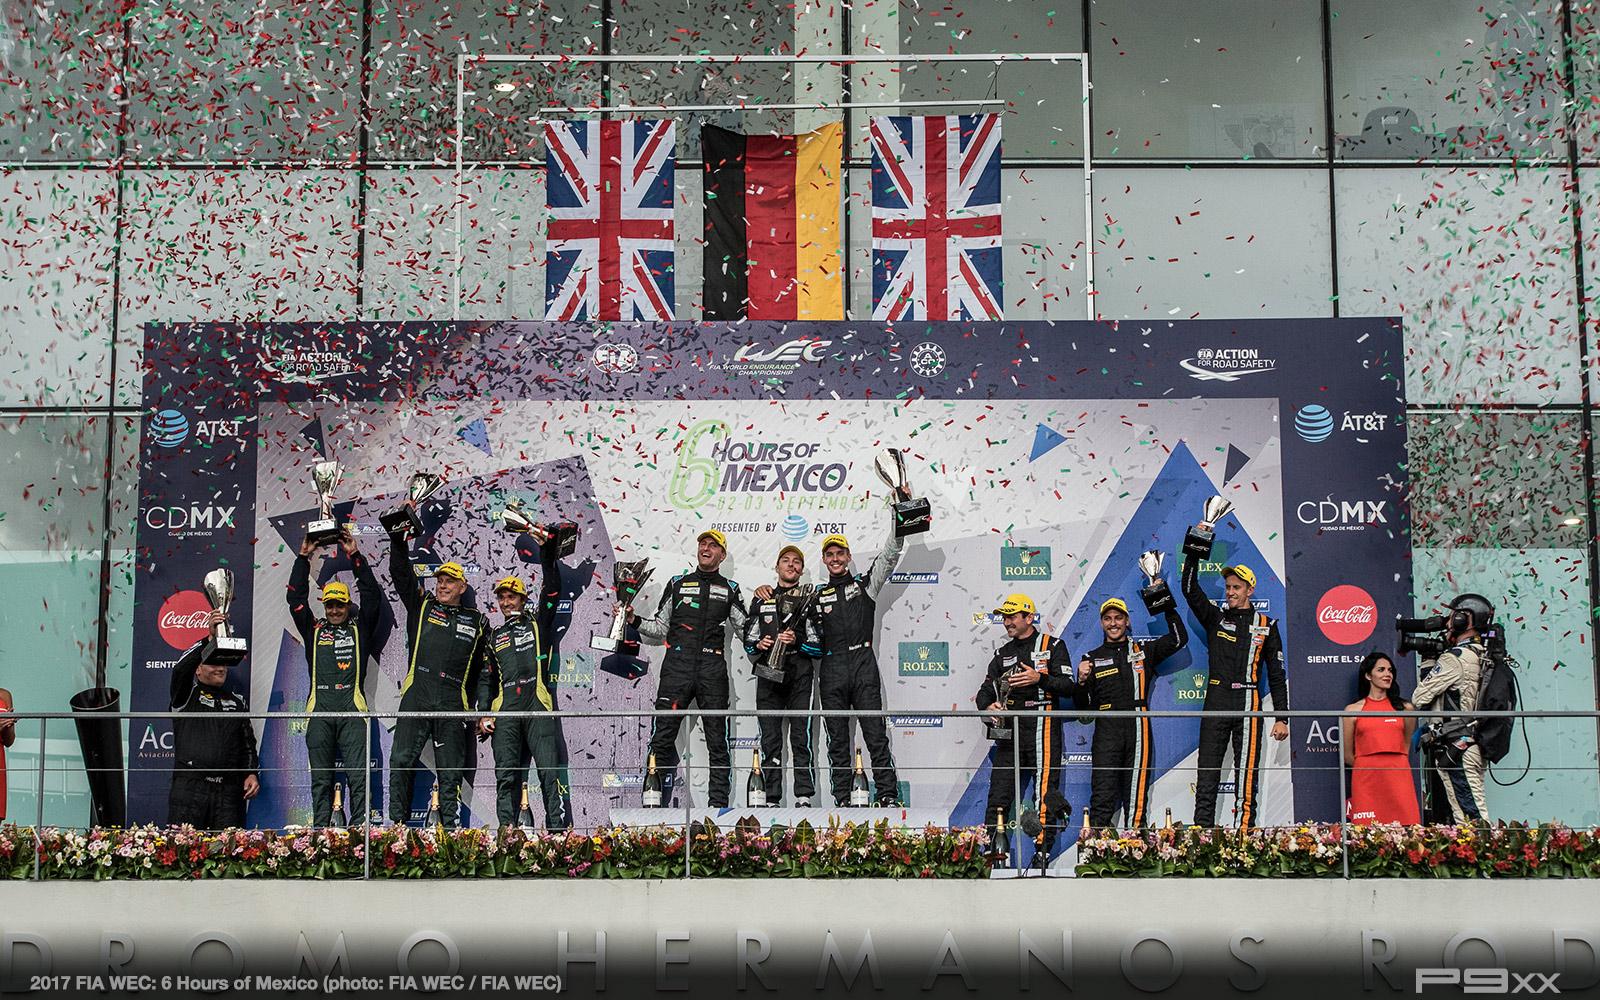 2017-FIA-WEC-6-HOURS-MEXICO-PORSCHE-1290